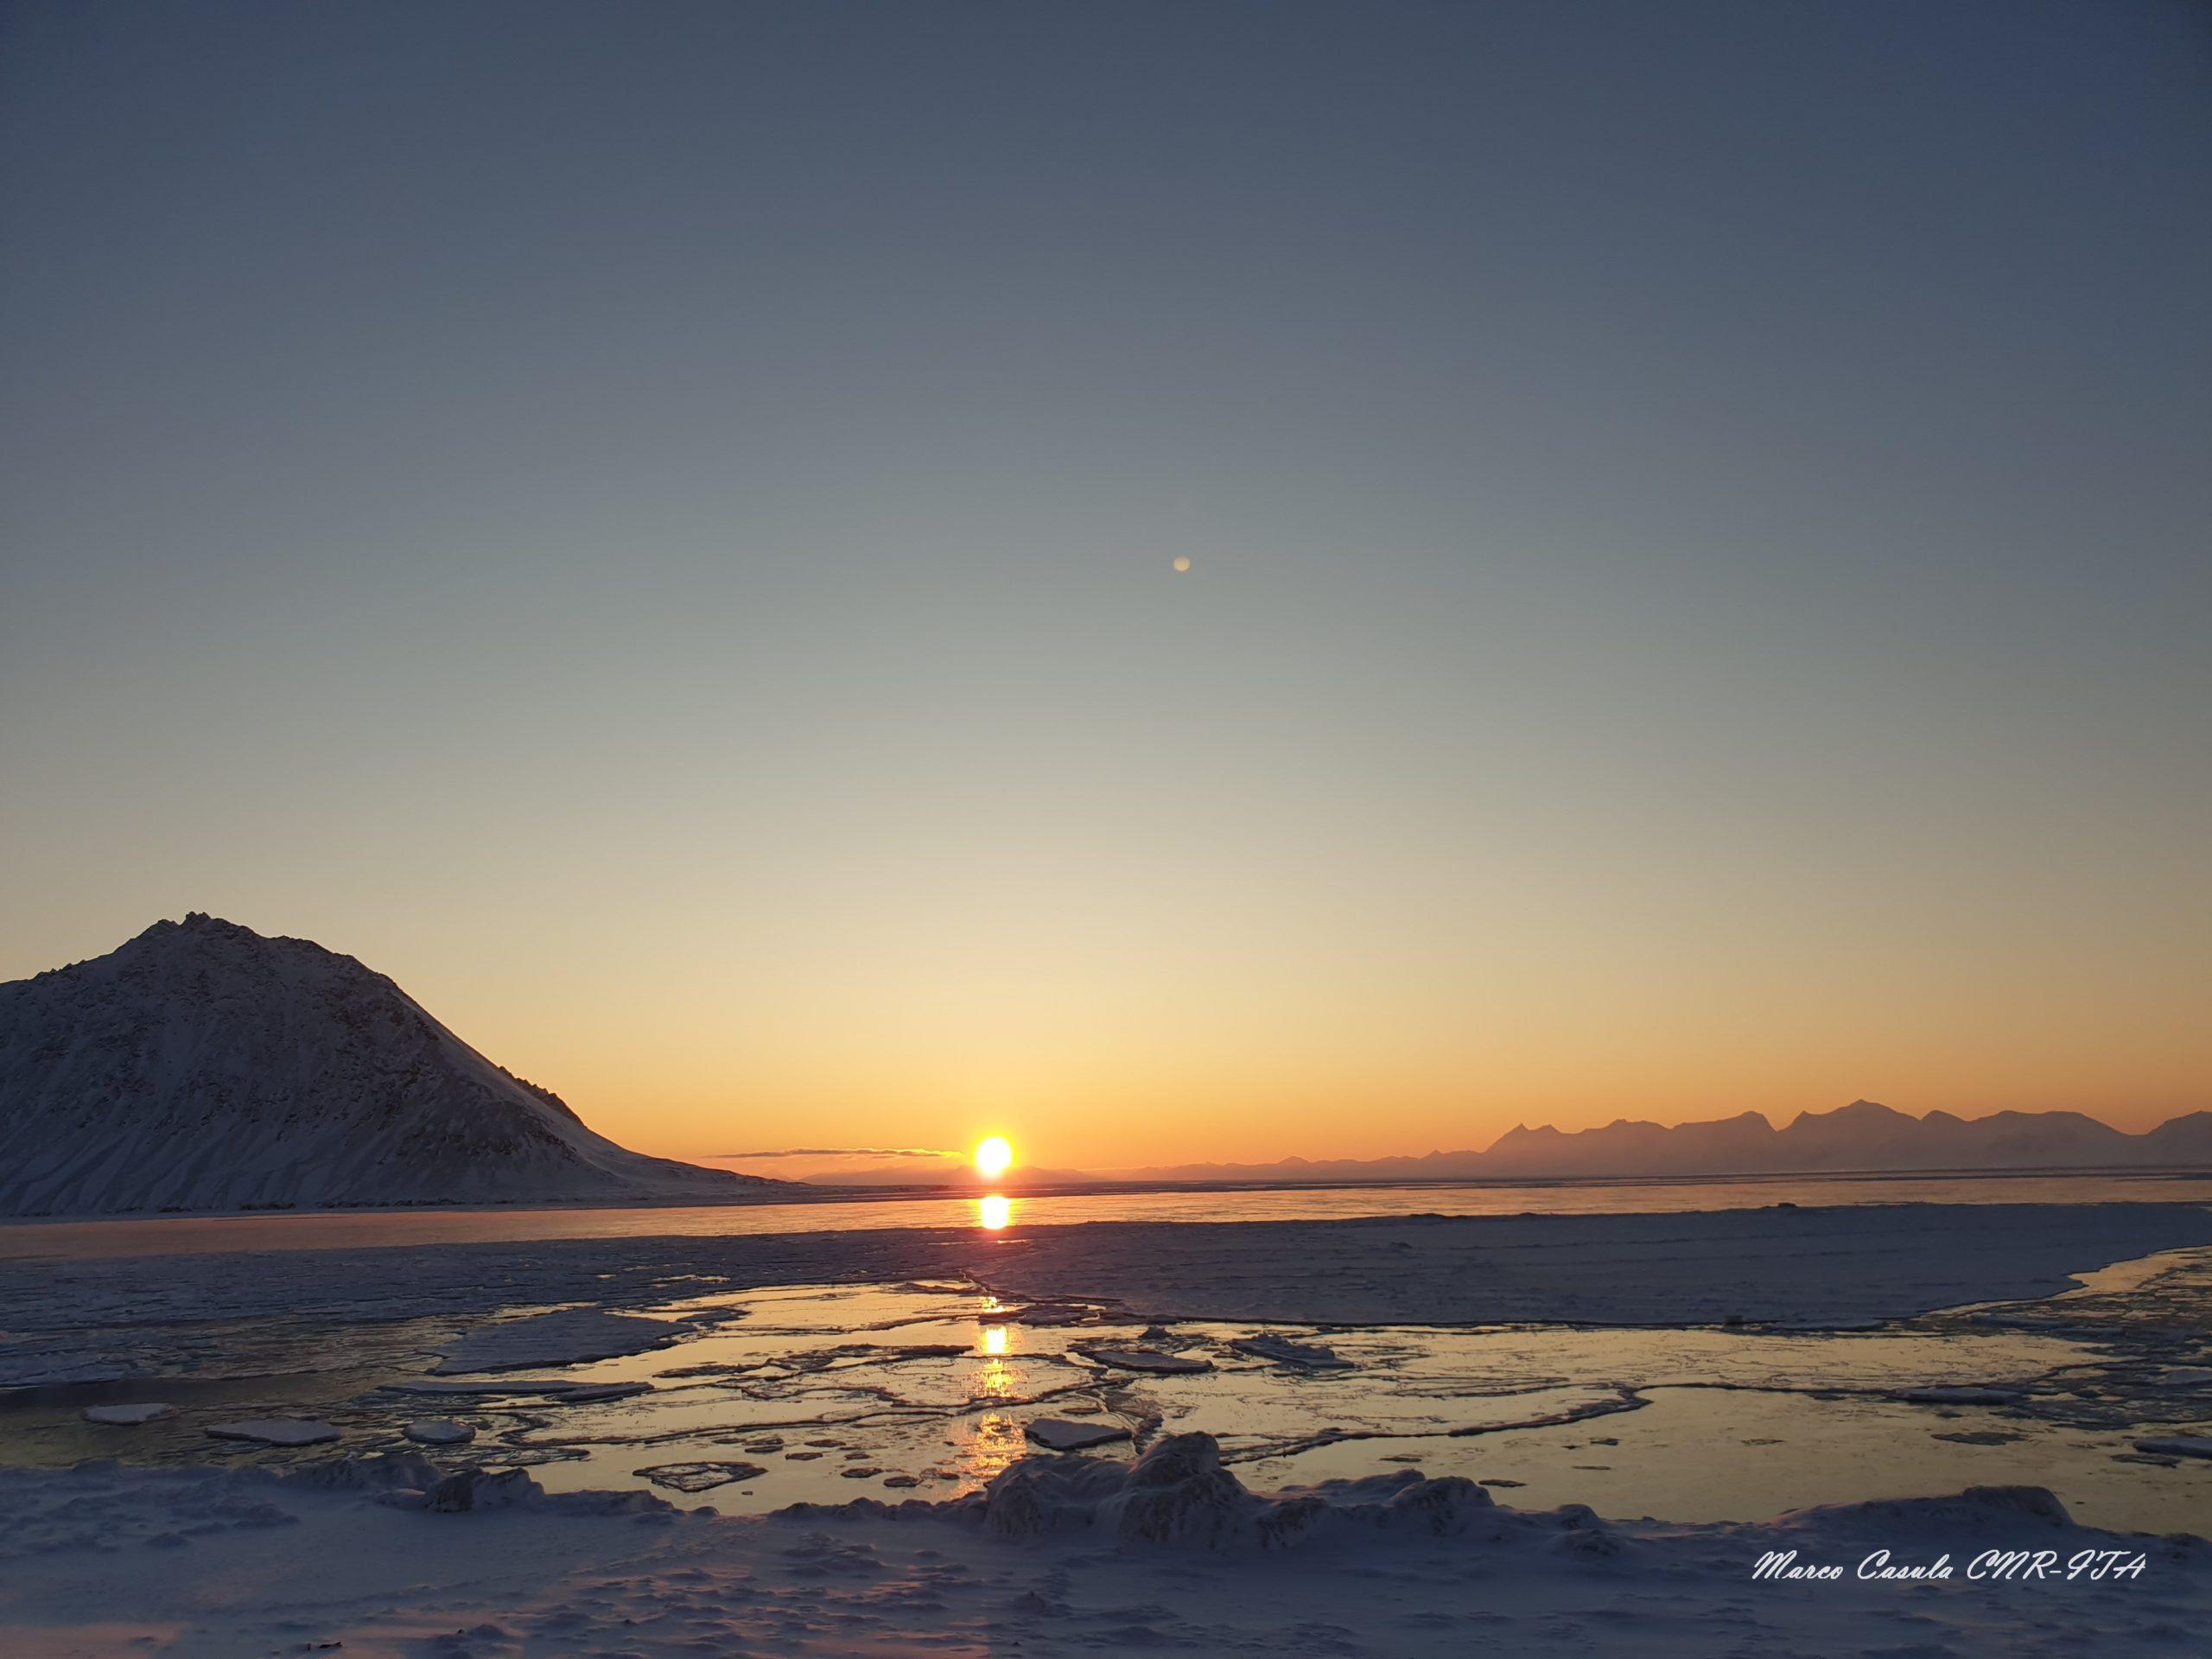 ambiente artico